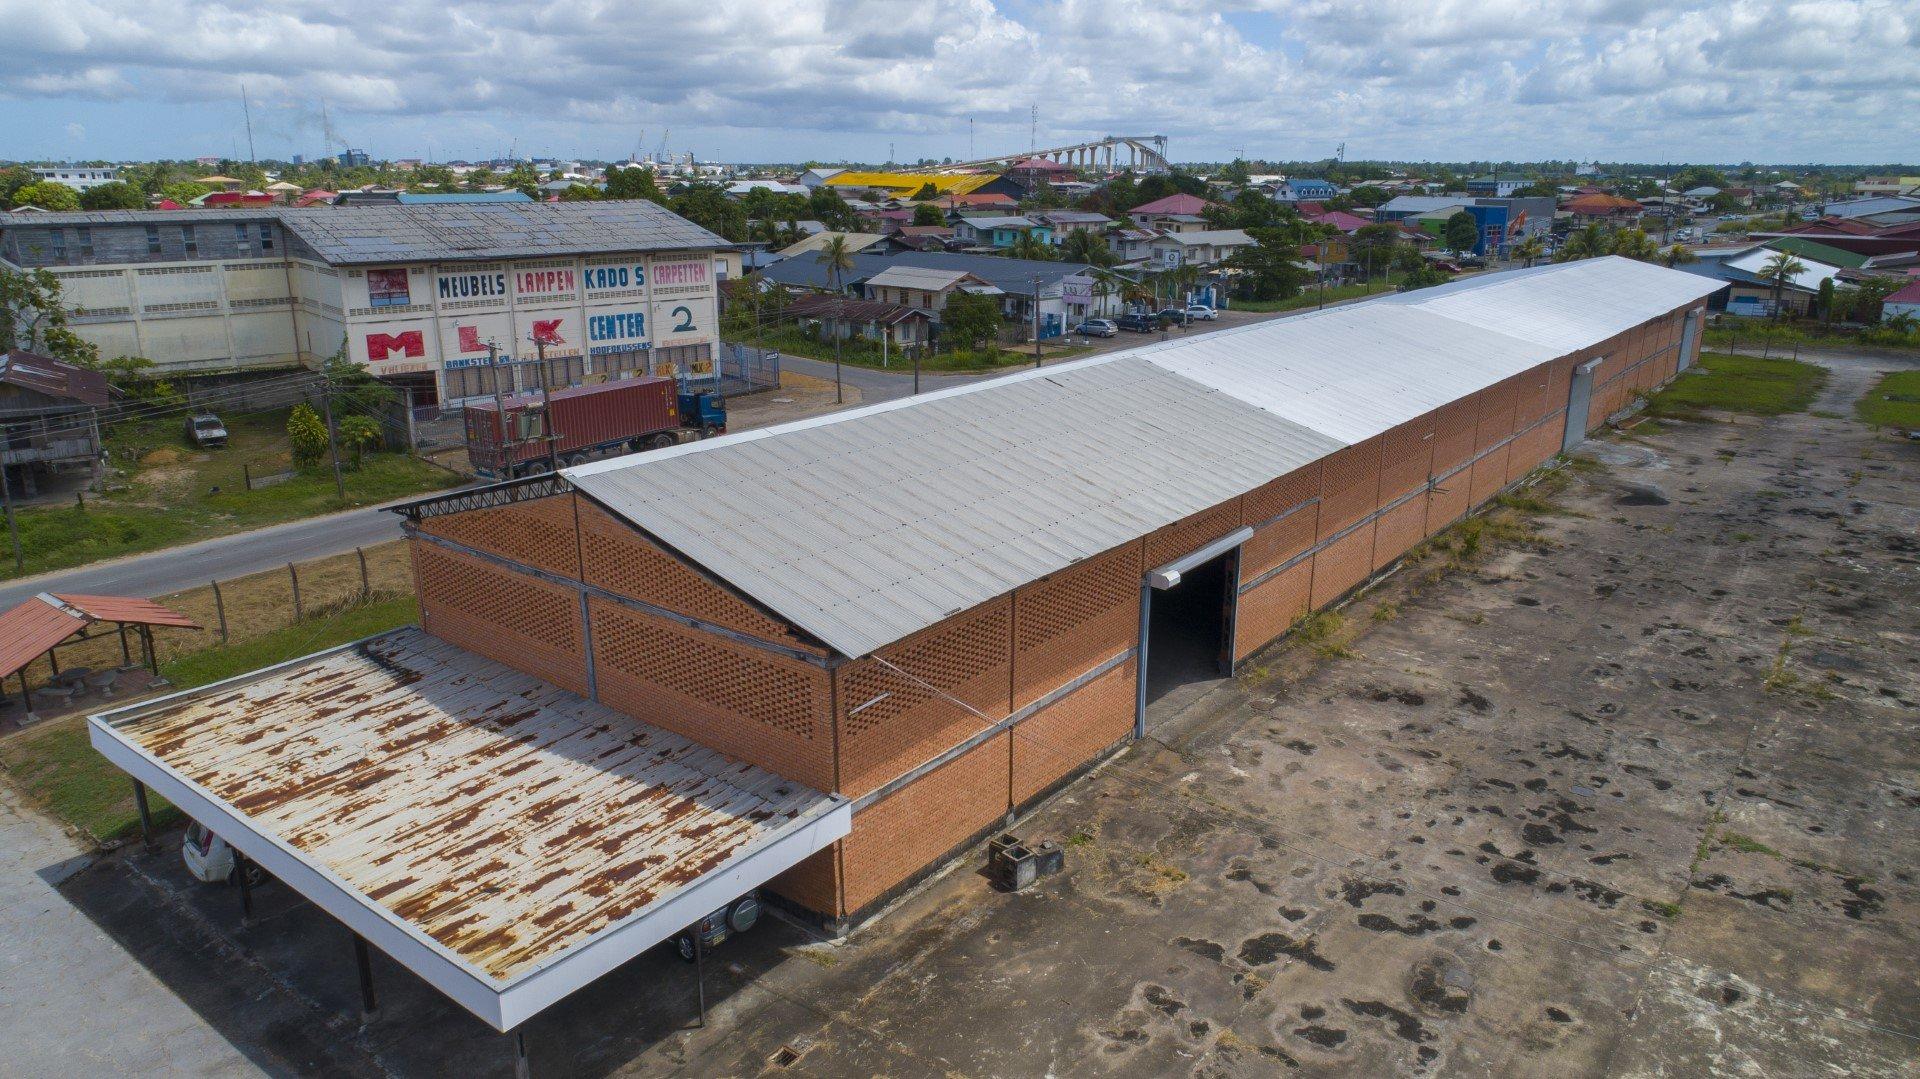 Industrieweg Noord 33 - Loods geschikt voor grote bulkopslag, nabij de haven. - Surgoed Makelaardij NV - Paramaribo, Suriname